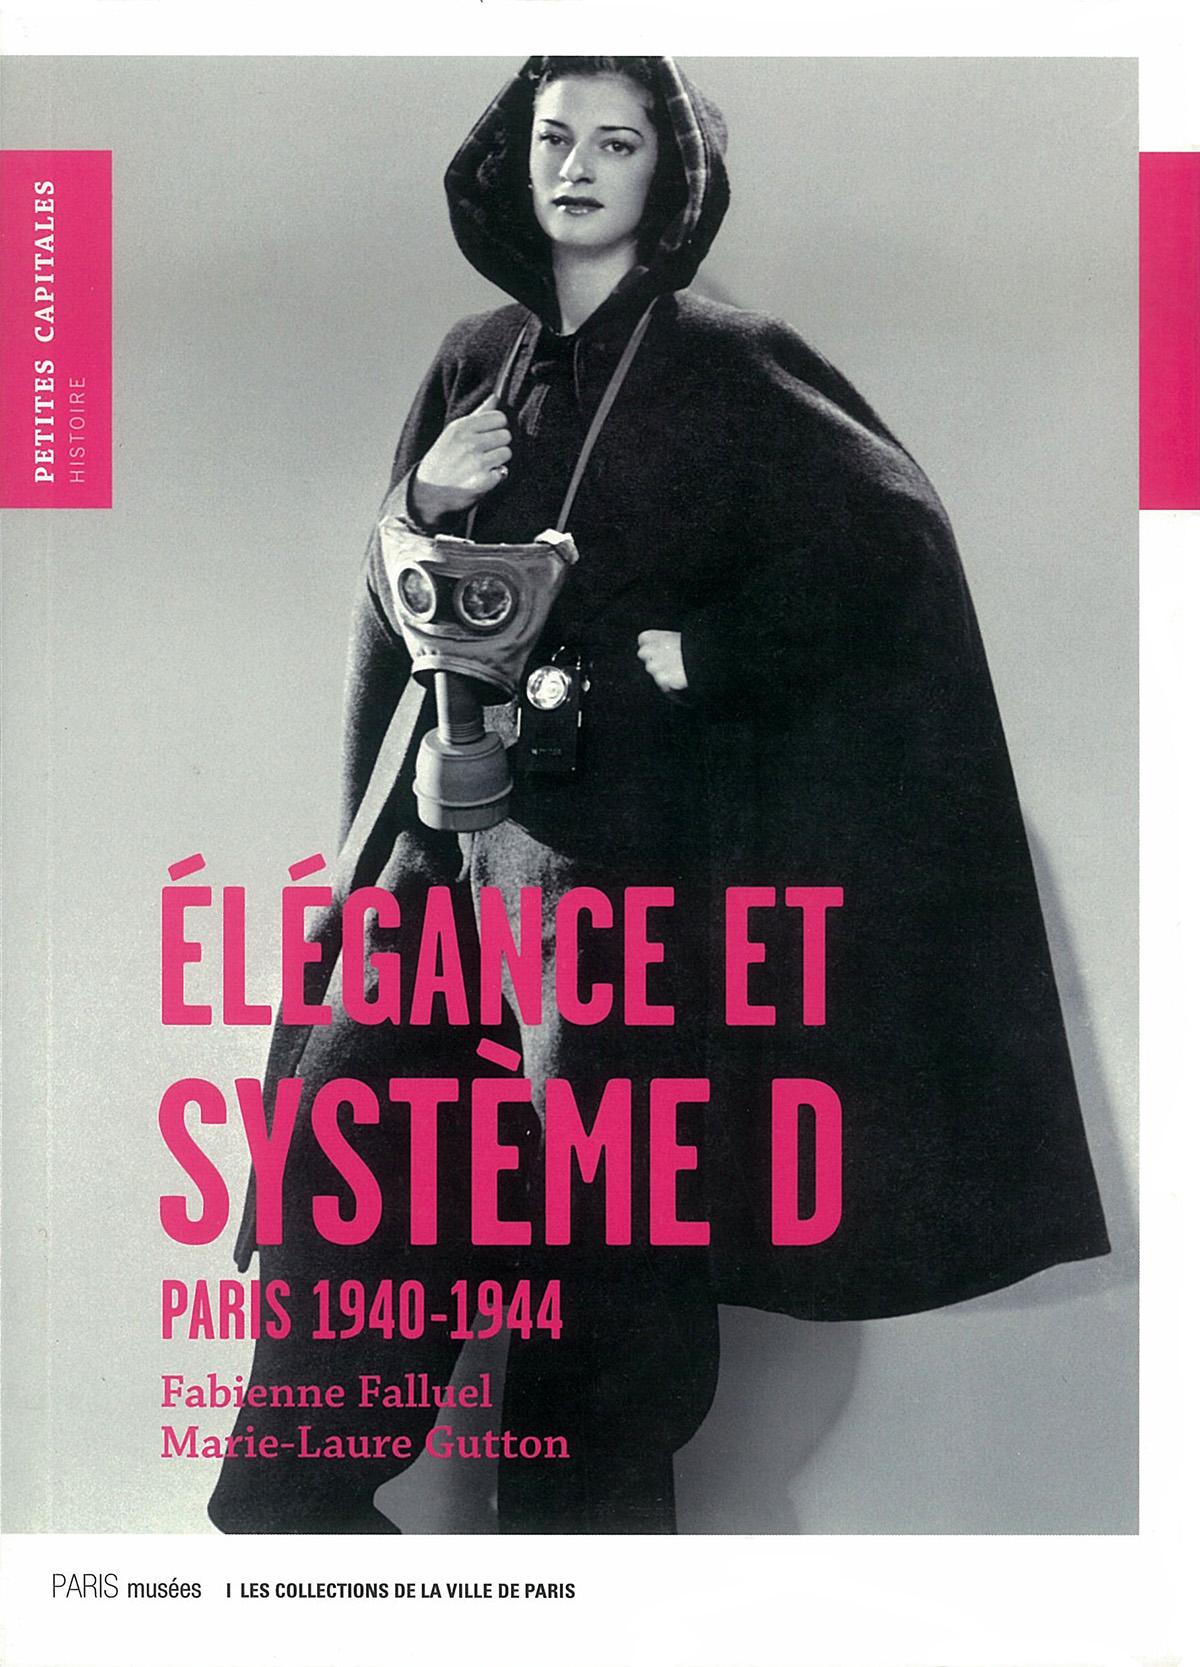 Elégance et système D